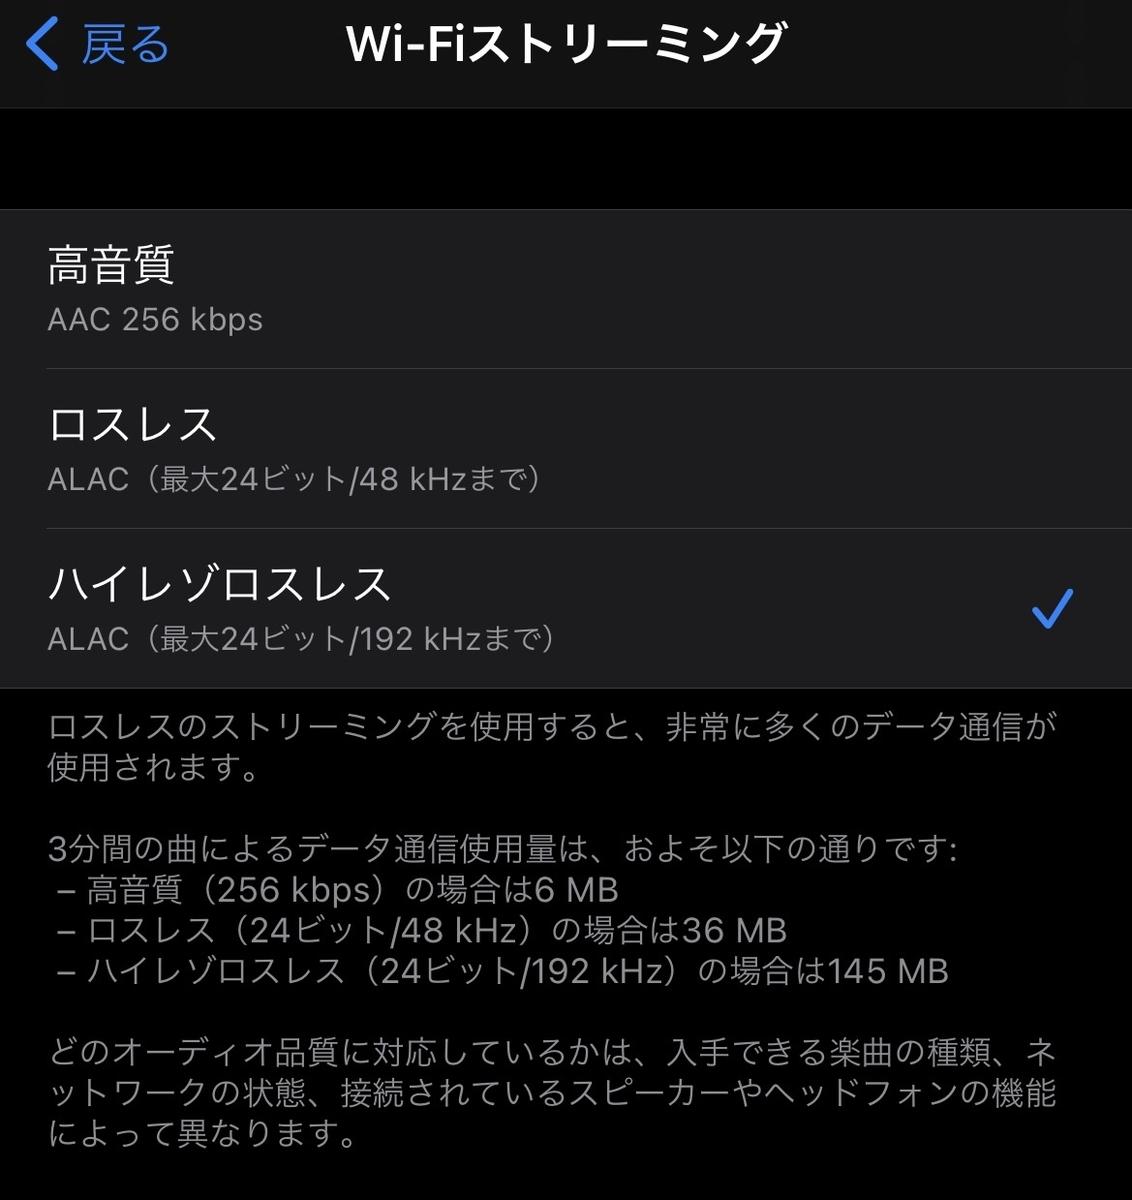 f:id:shigeohonda:20210620143717j:plain